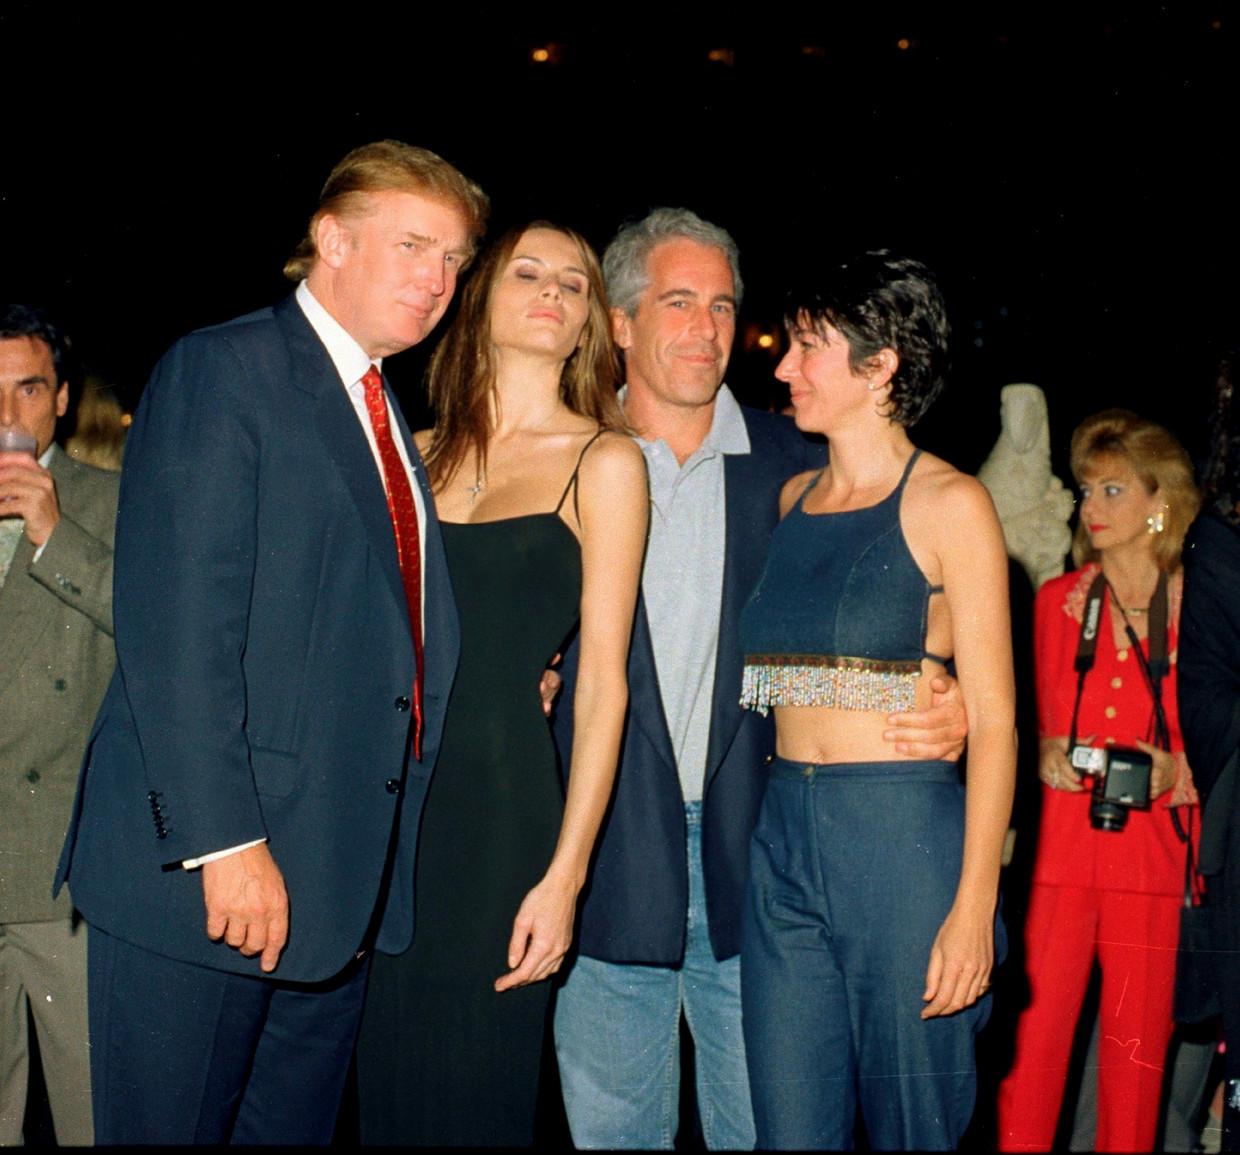 Donald Trump en zijn toenmalige vriendin Melania poseren met Jeffrey Epstein en Ghislaine Maxwell,  in 2000. Barry Levine: 'Maxwell opende voor Epstein de deur naar de groten der aarde.'   Beeld Getty Images